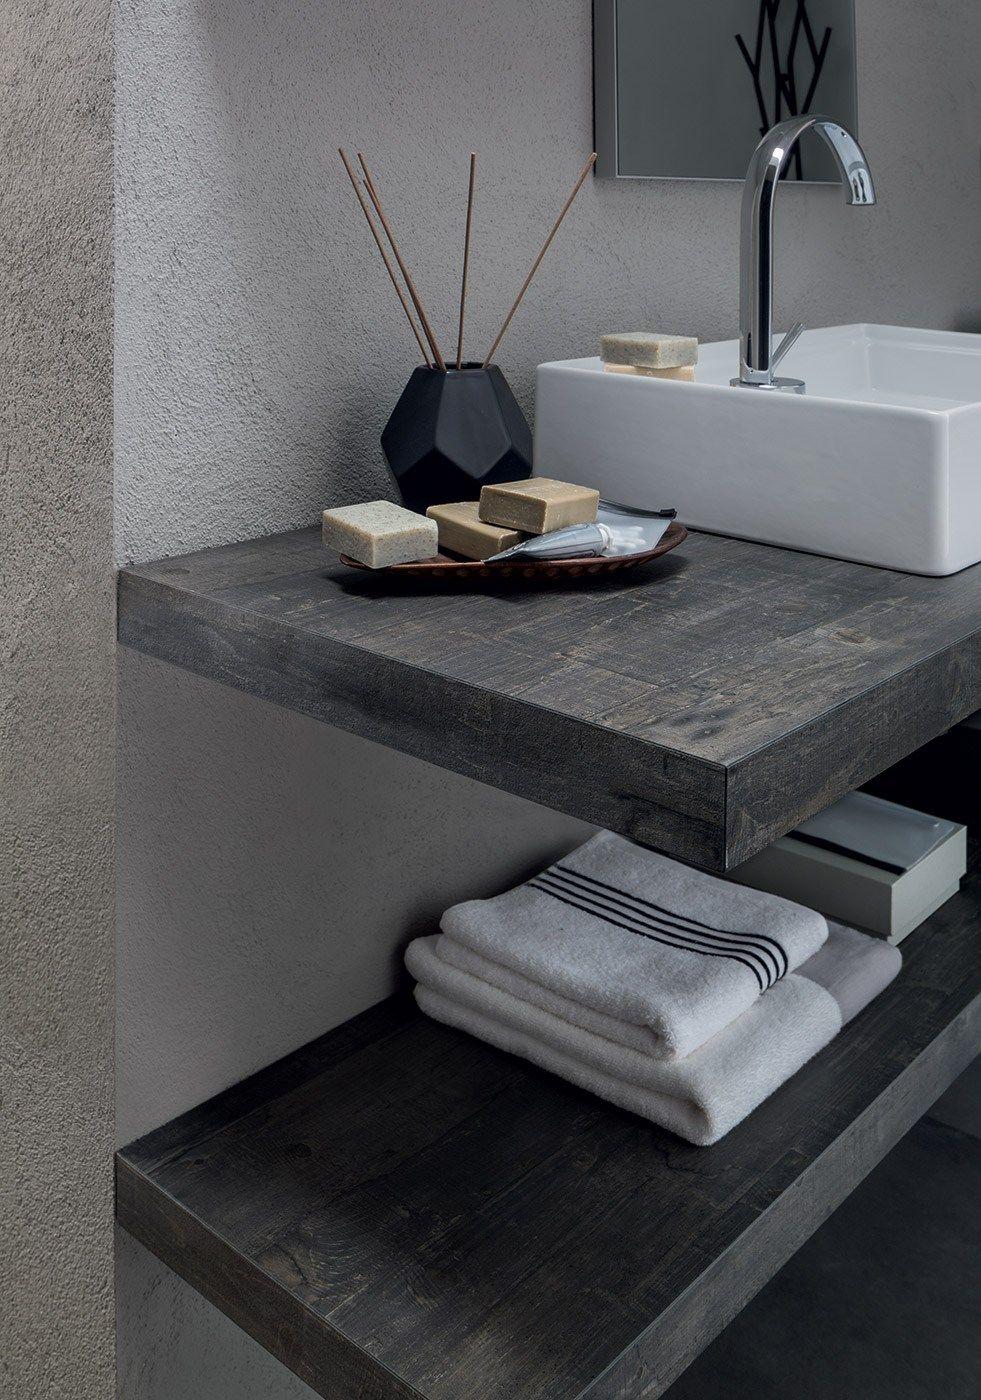 Mobile bagno in stile moderno 85 - 3.0 Collection by RAB Arredobagno design Ufficio tecnico RAB ...